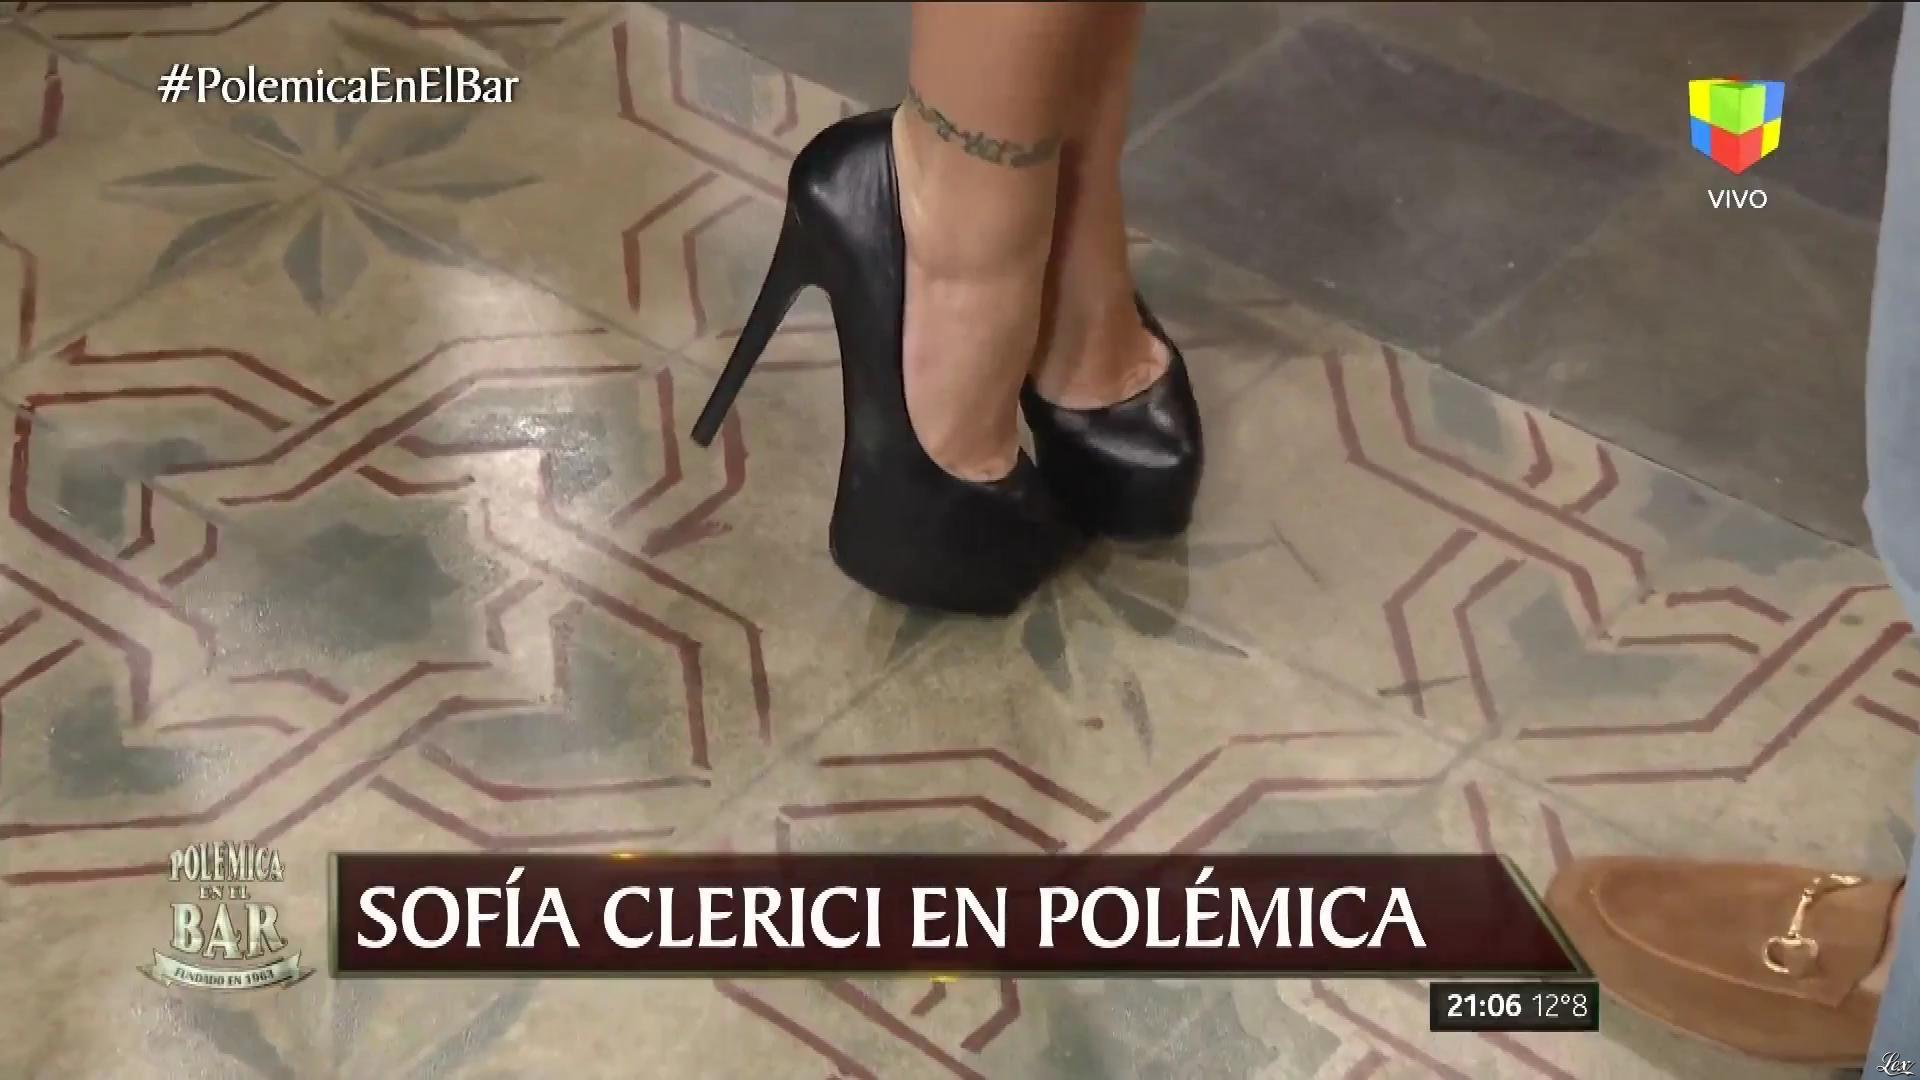 Sofia Clerici dans PolemiÇa en El Bar. Diffusé à la télévision le 19/05/17.